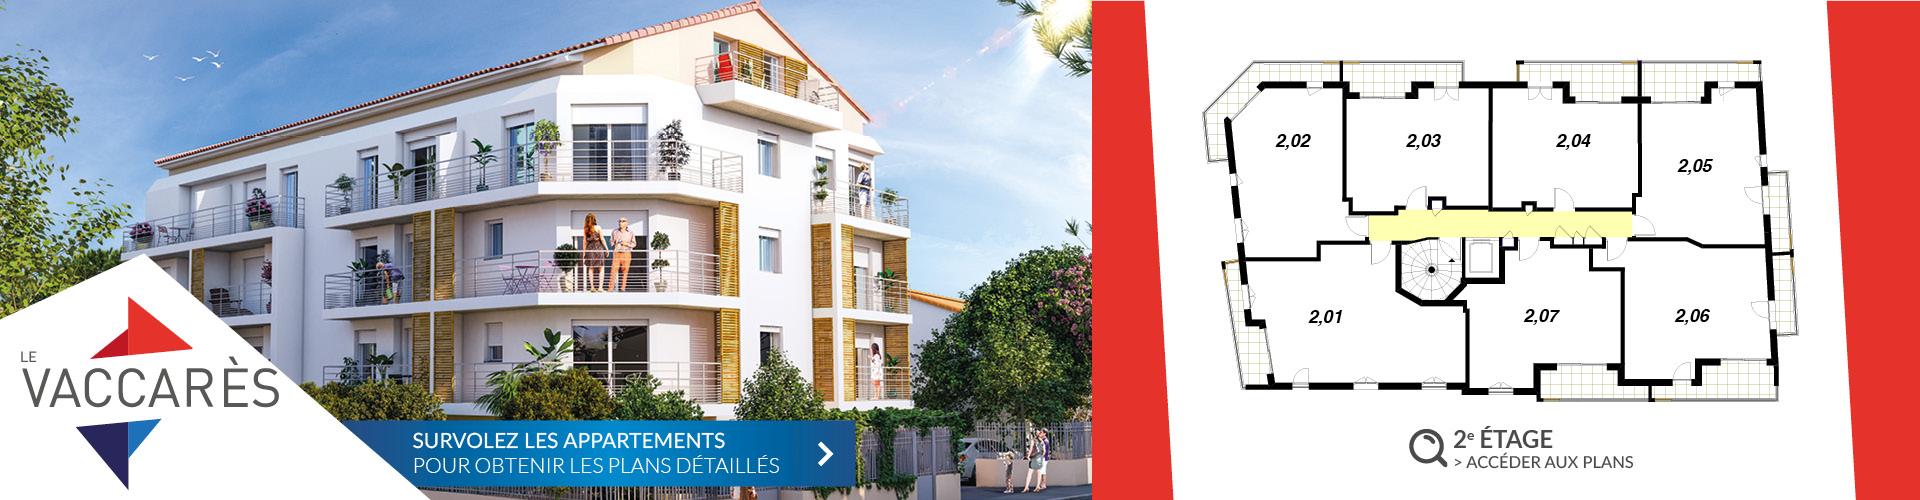 Segeprim - Résidence Le Vaccares 2e étage - Var